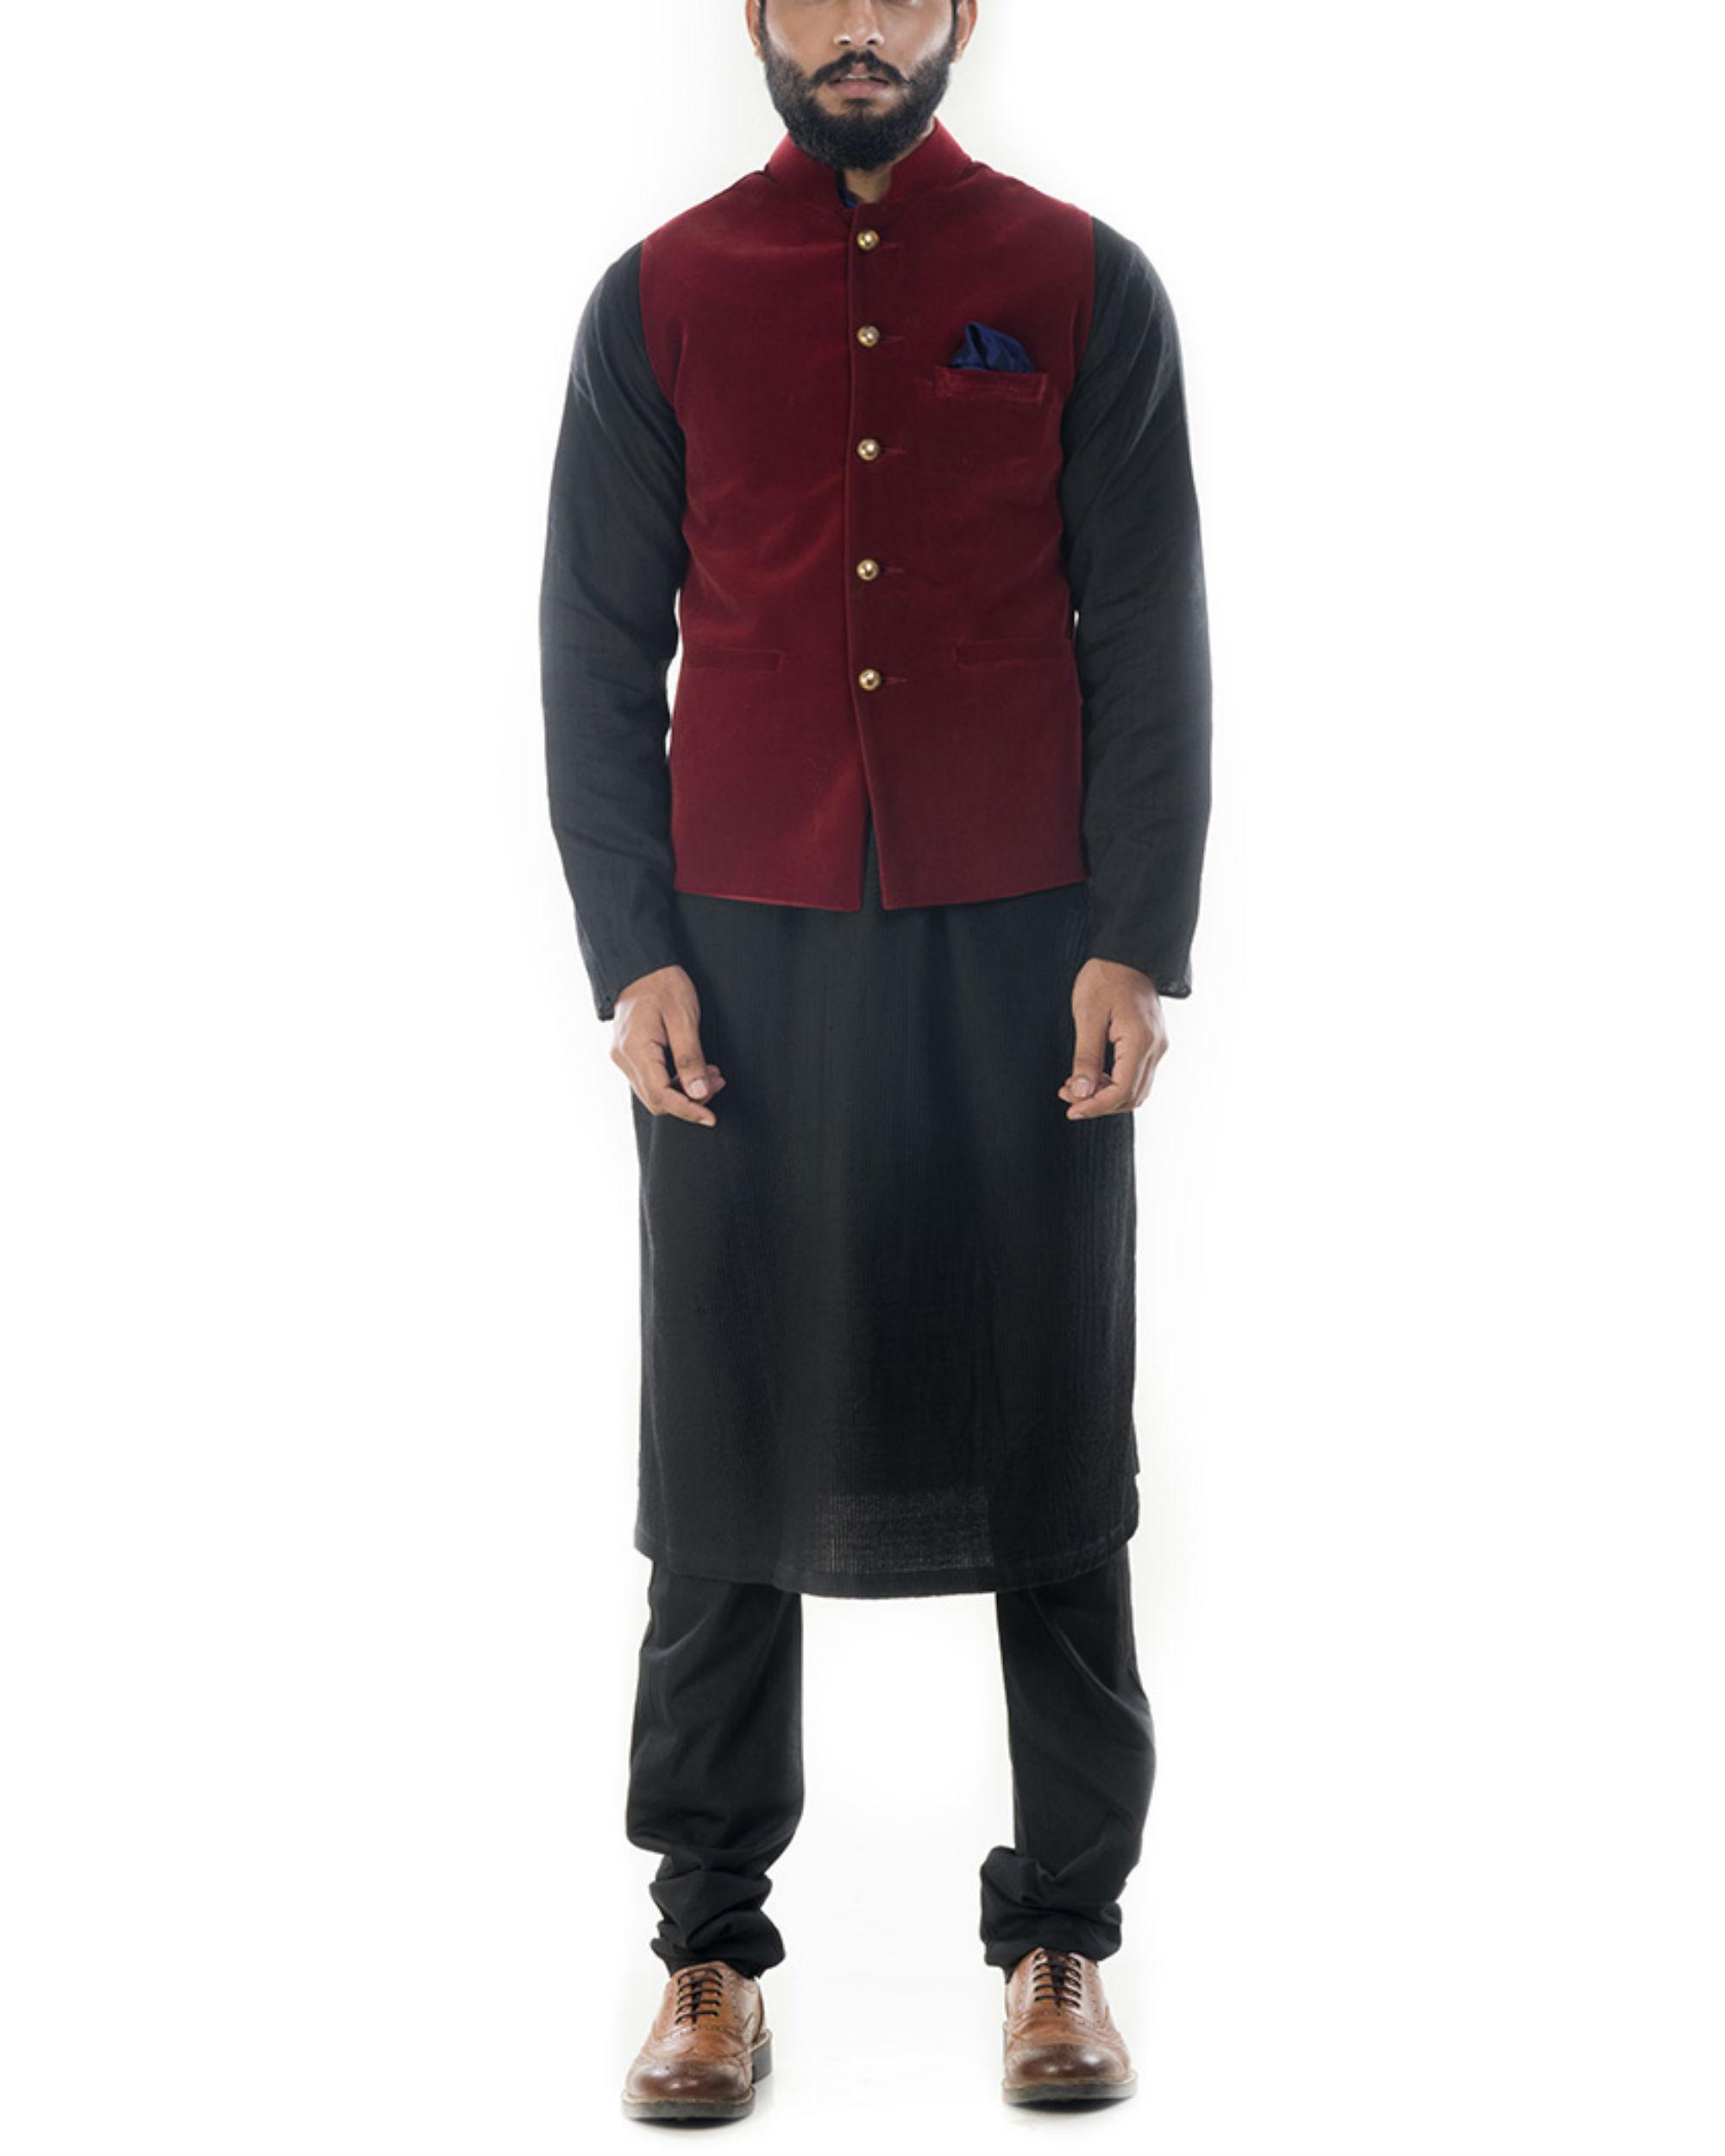 Wine red velvet jacket